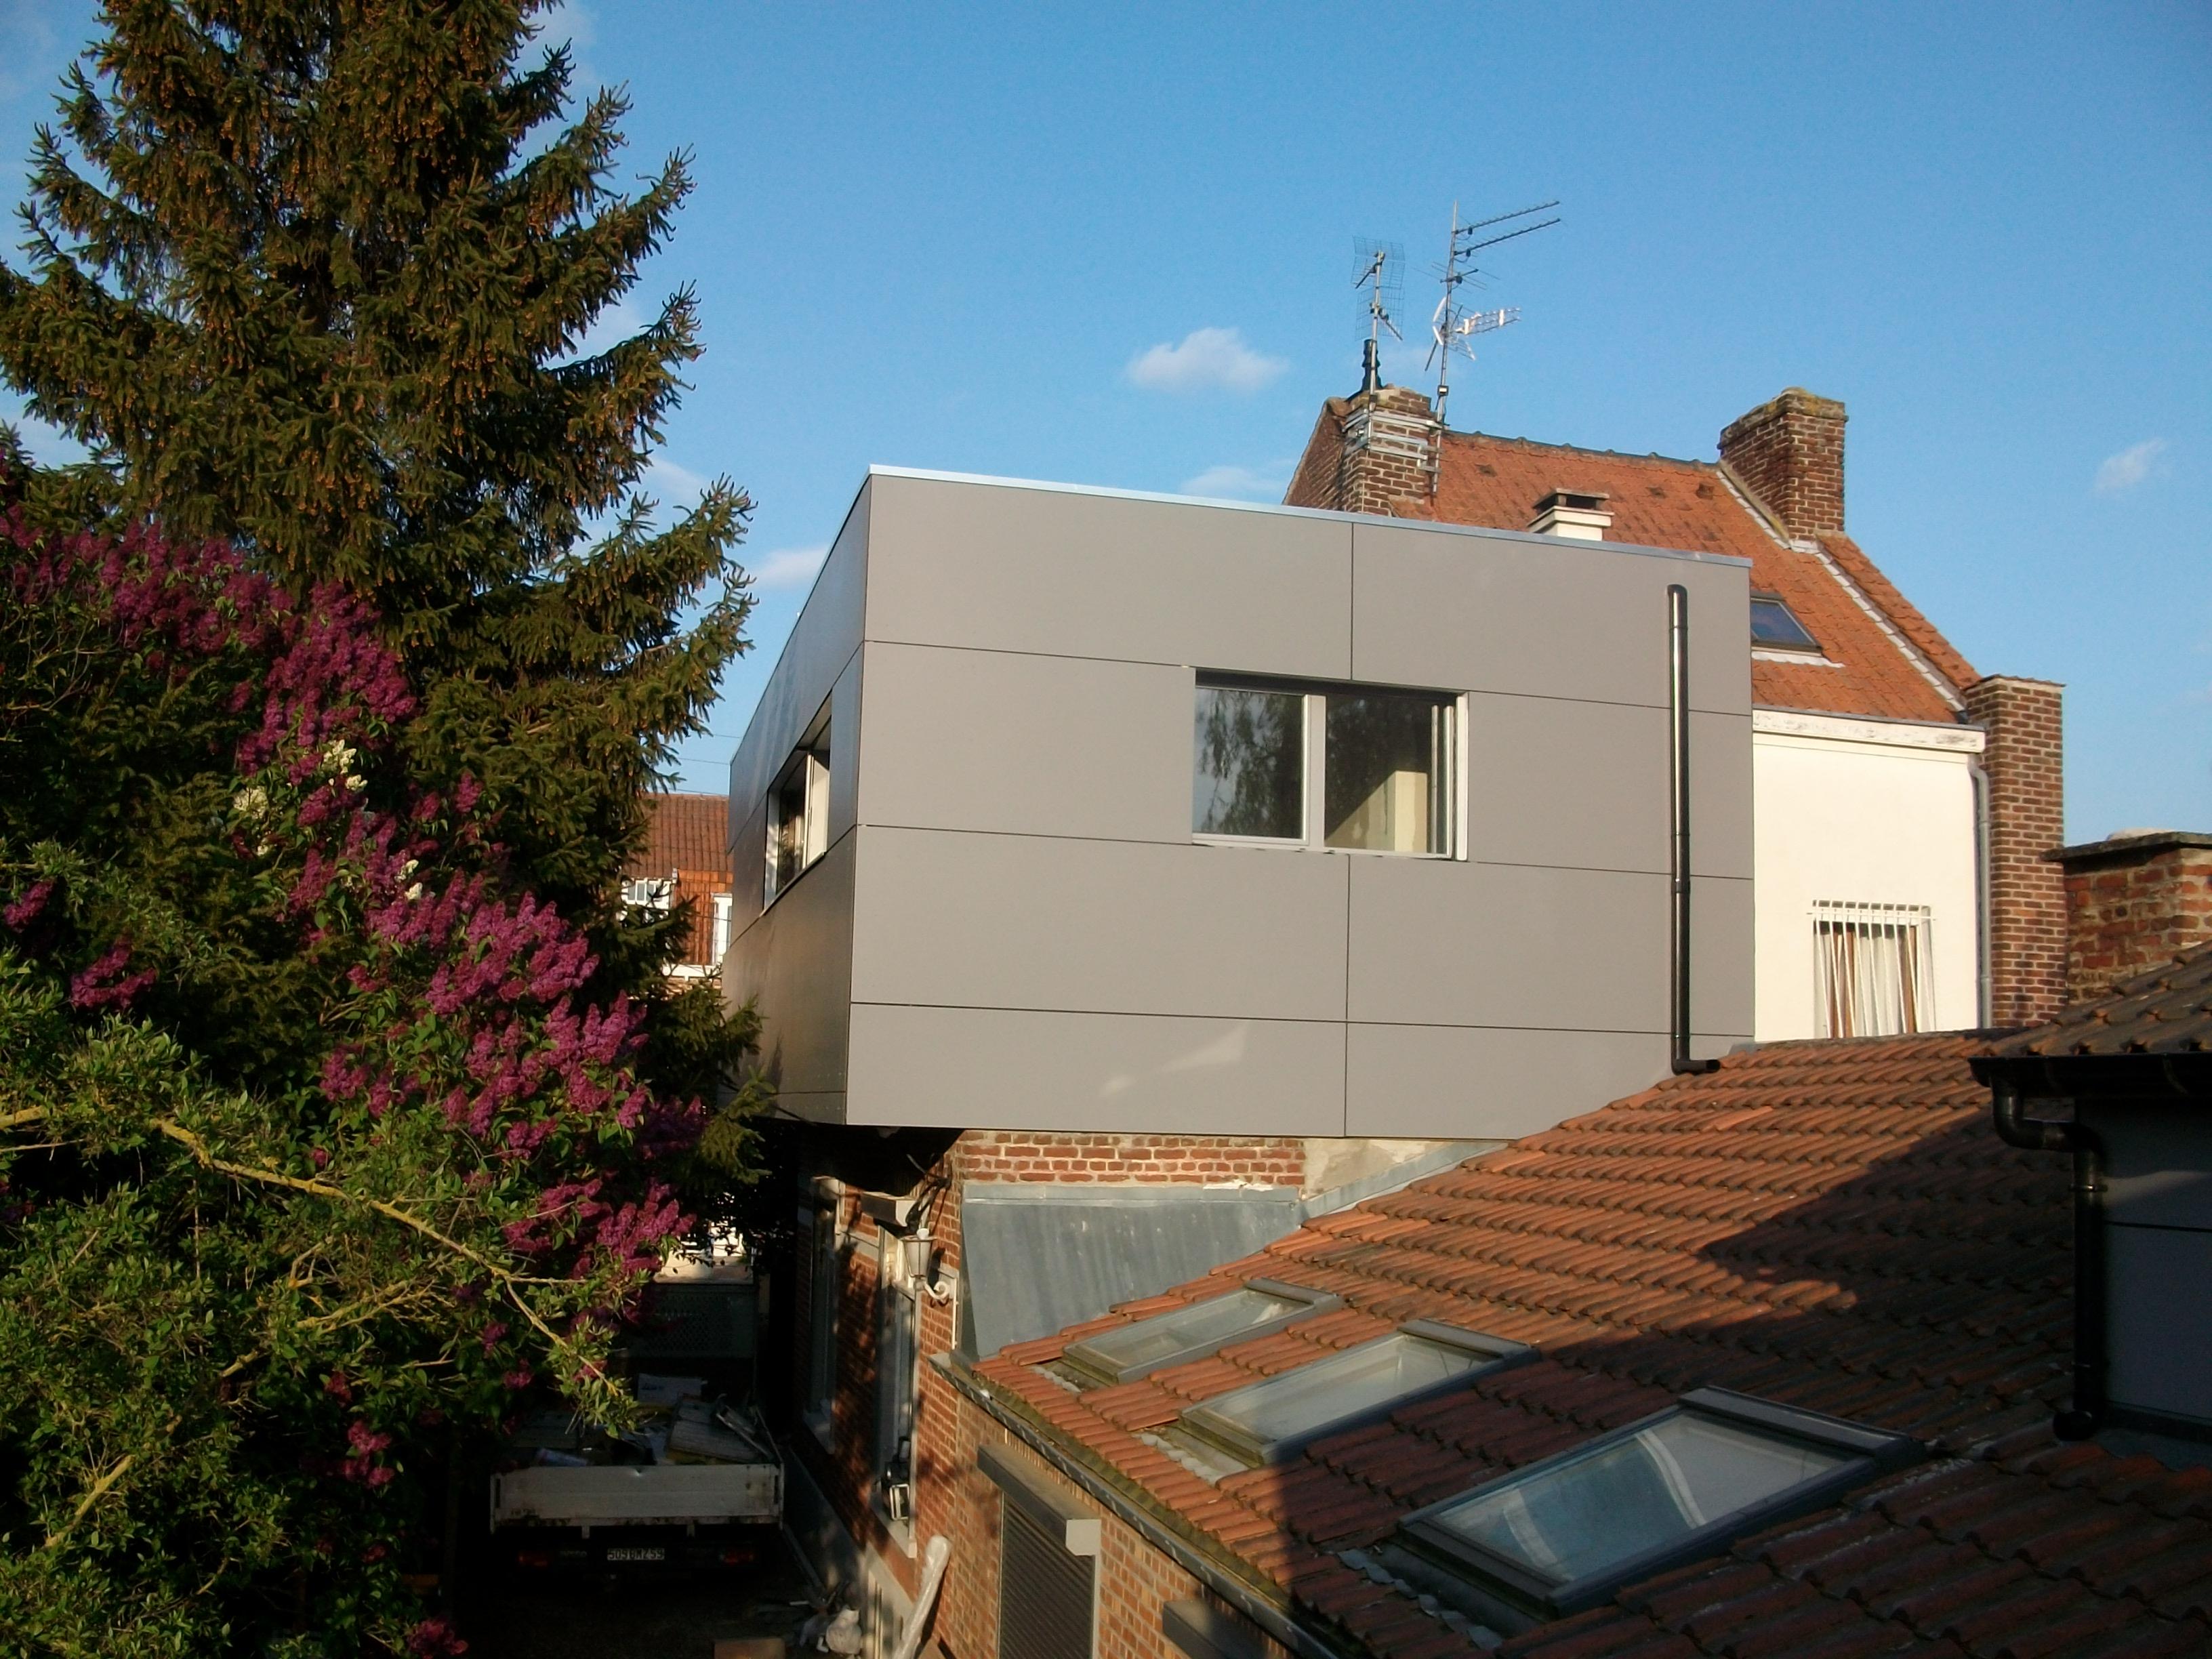 Agrandir sa maison en ossature bois ventana blog for Agrandir sa maison en ossature bois